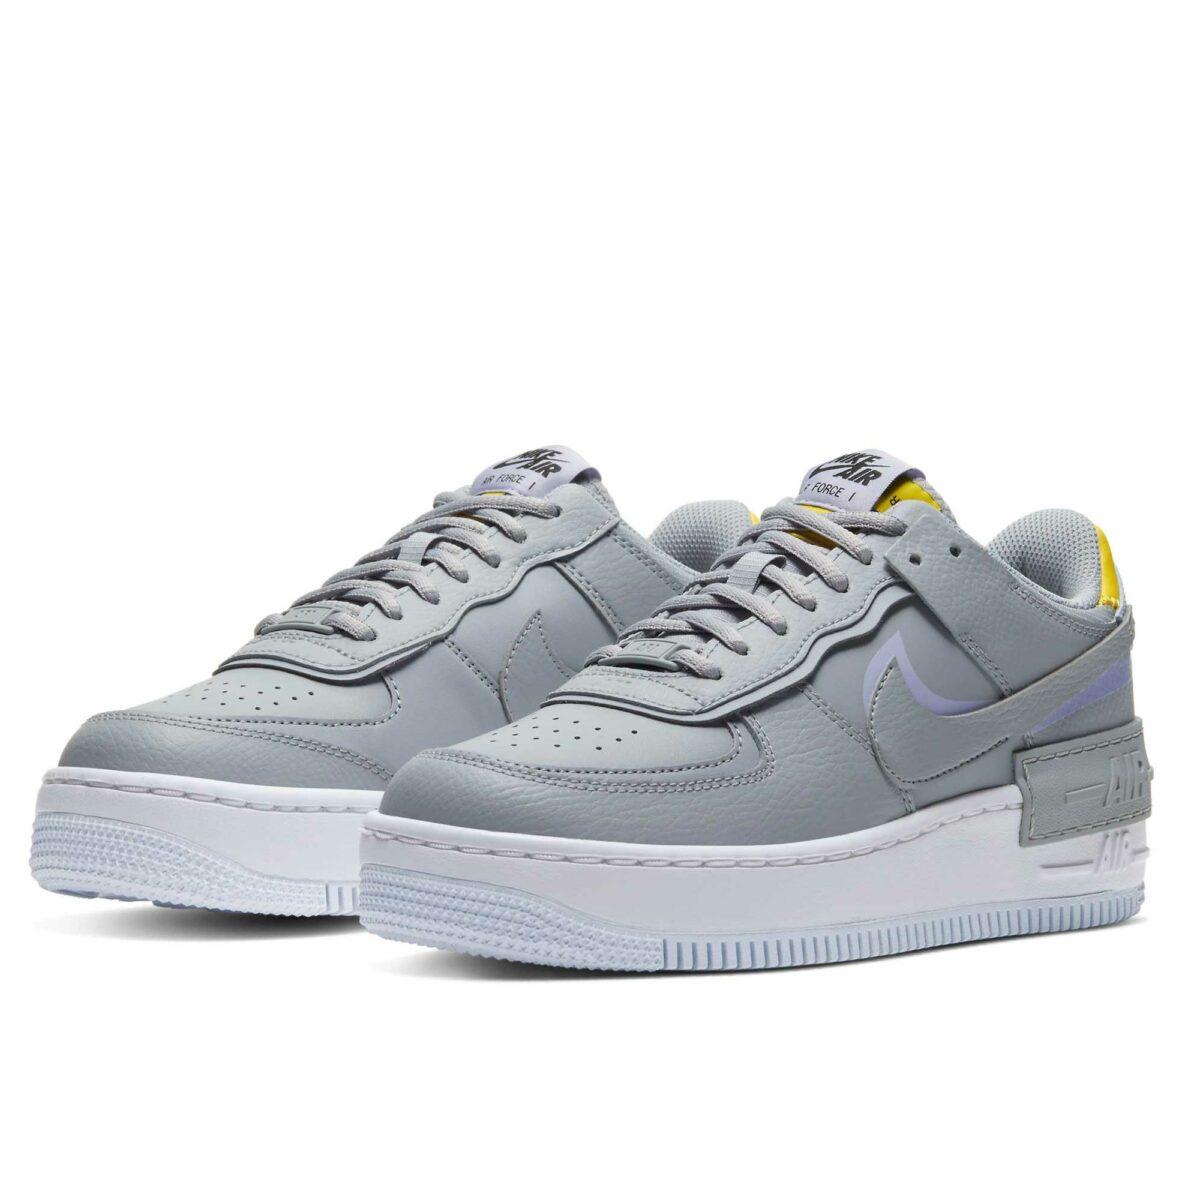 nike air force 1 shadow wolf grey ci0919_002 купить